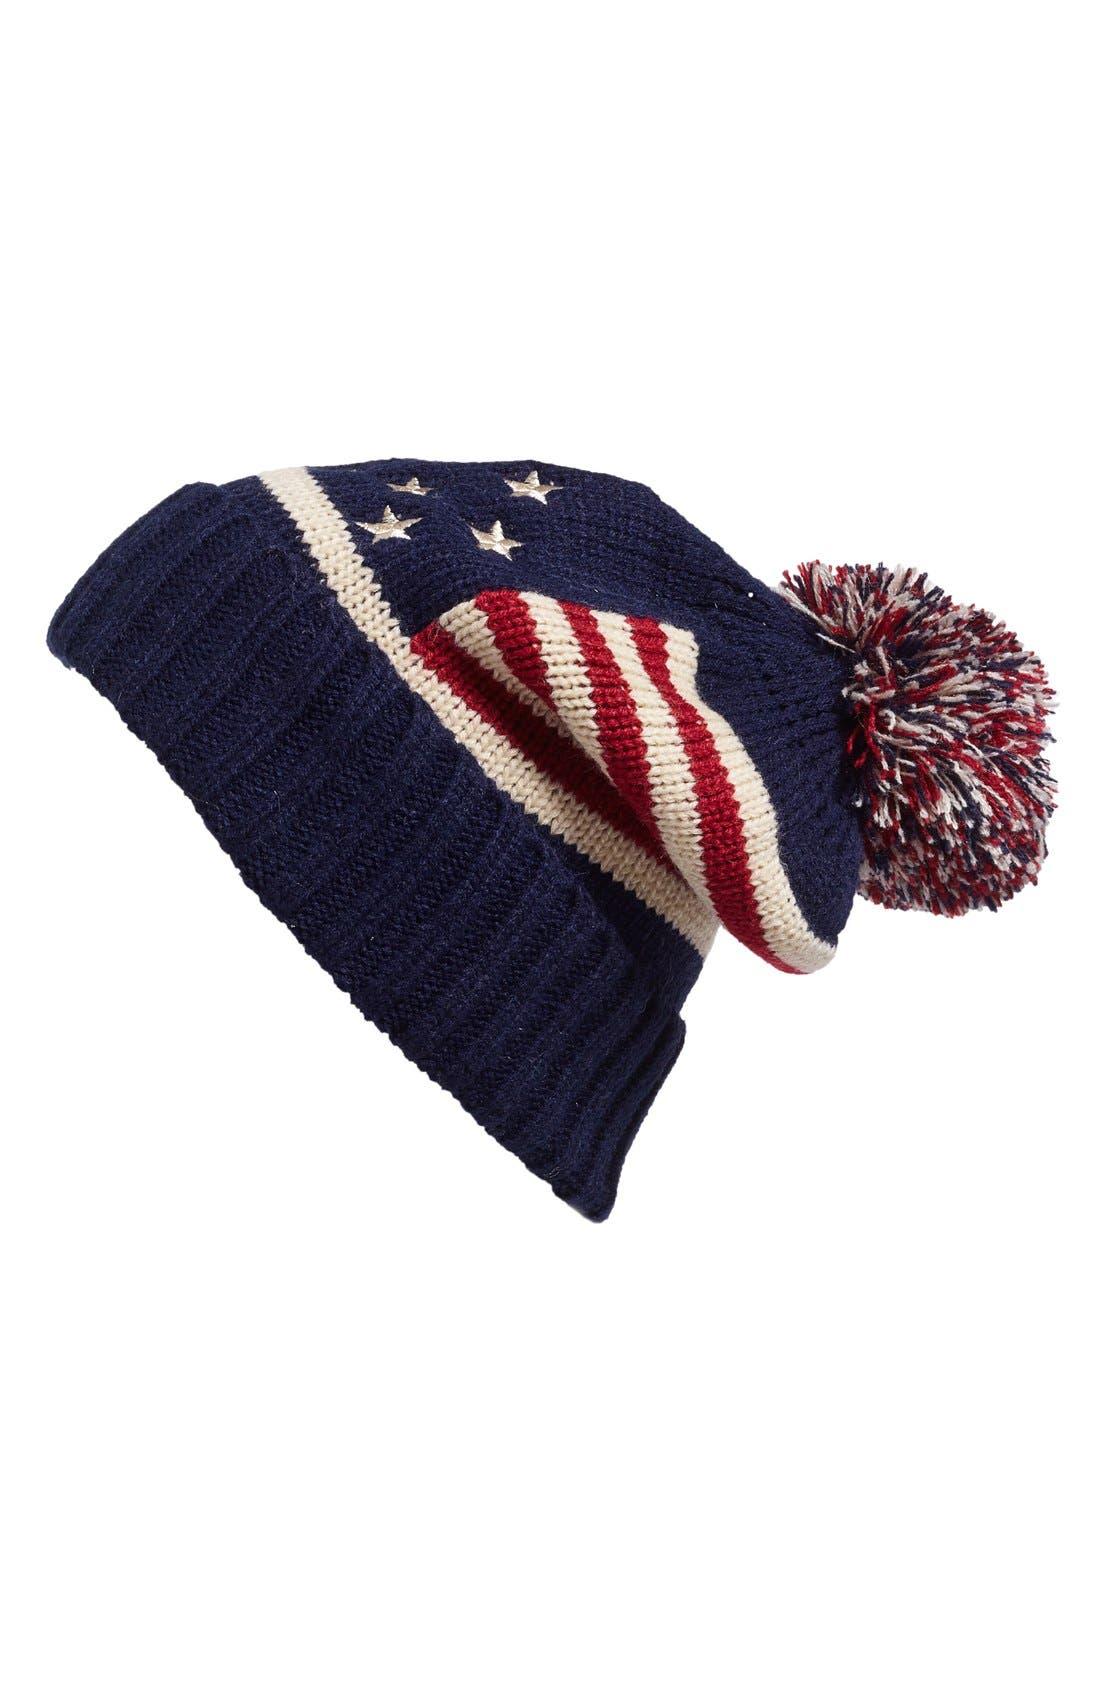 Alternate Image 1 Selected - BP. American Flag Beanie